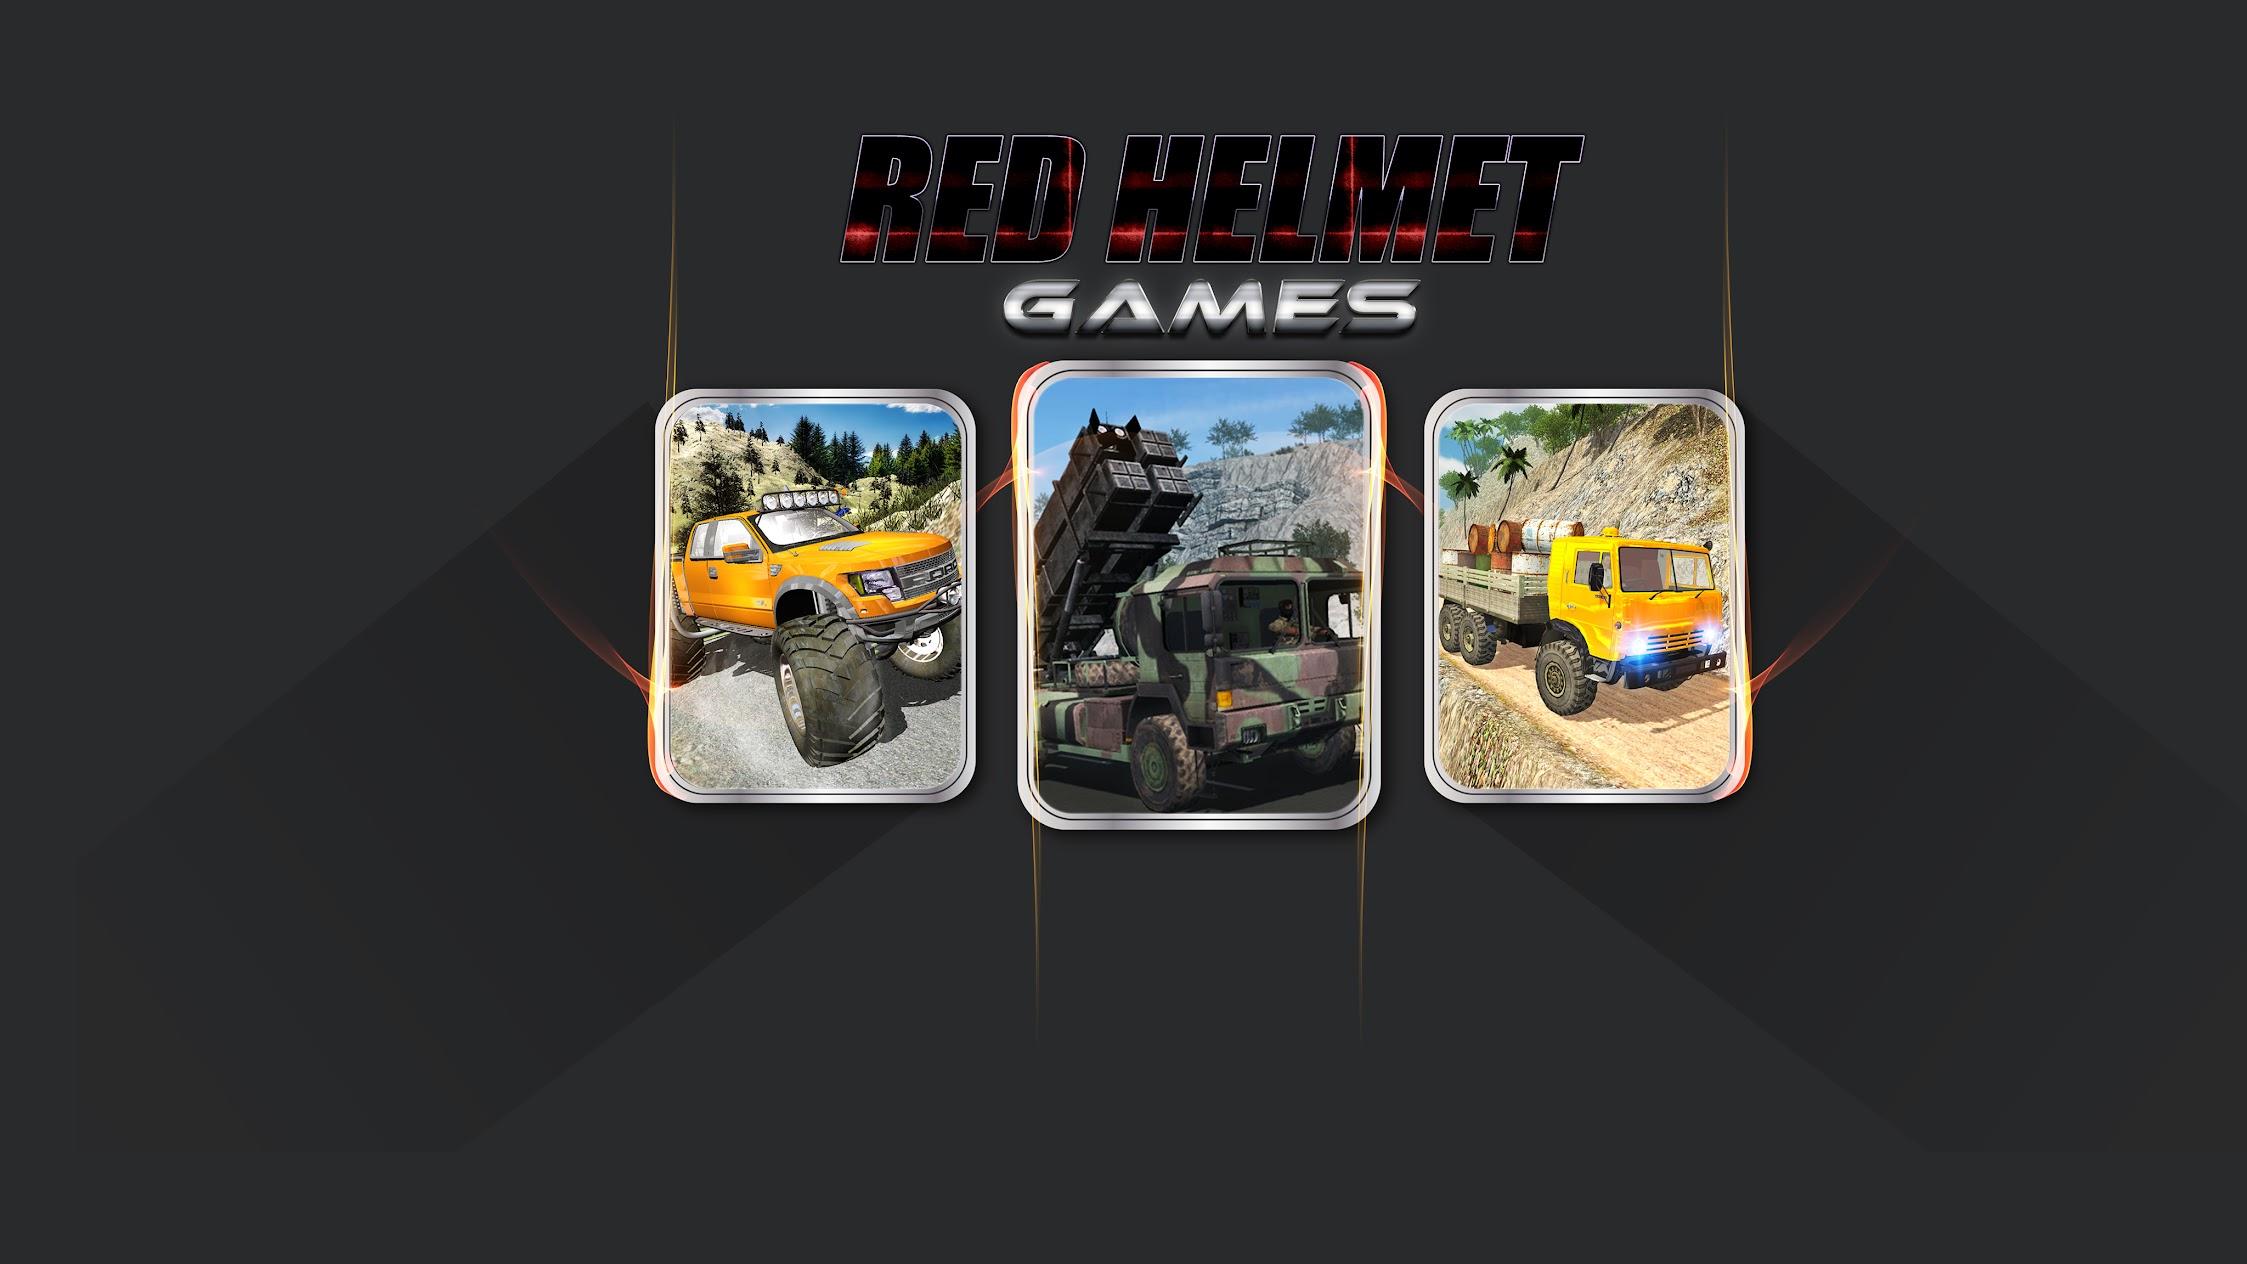 Red Helmet Games